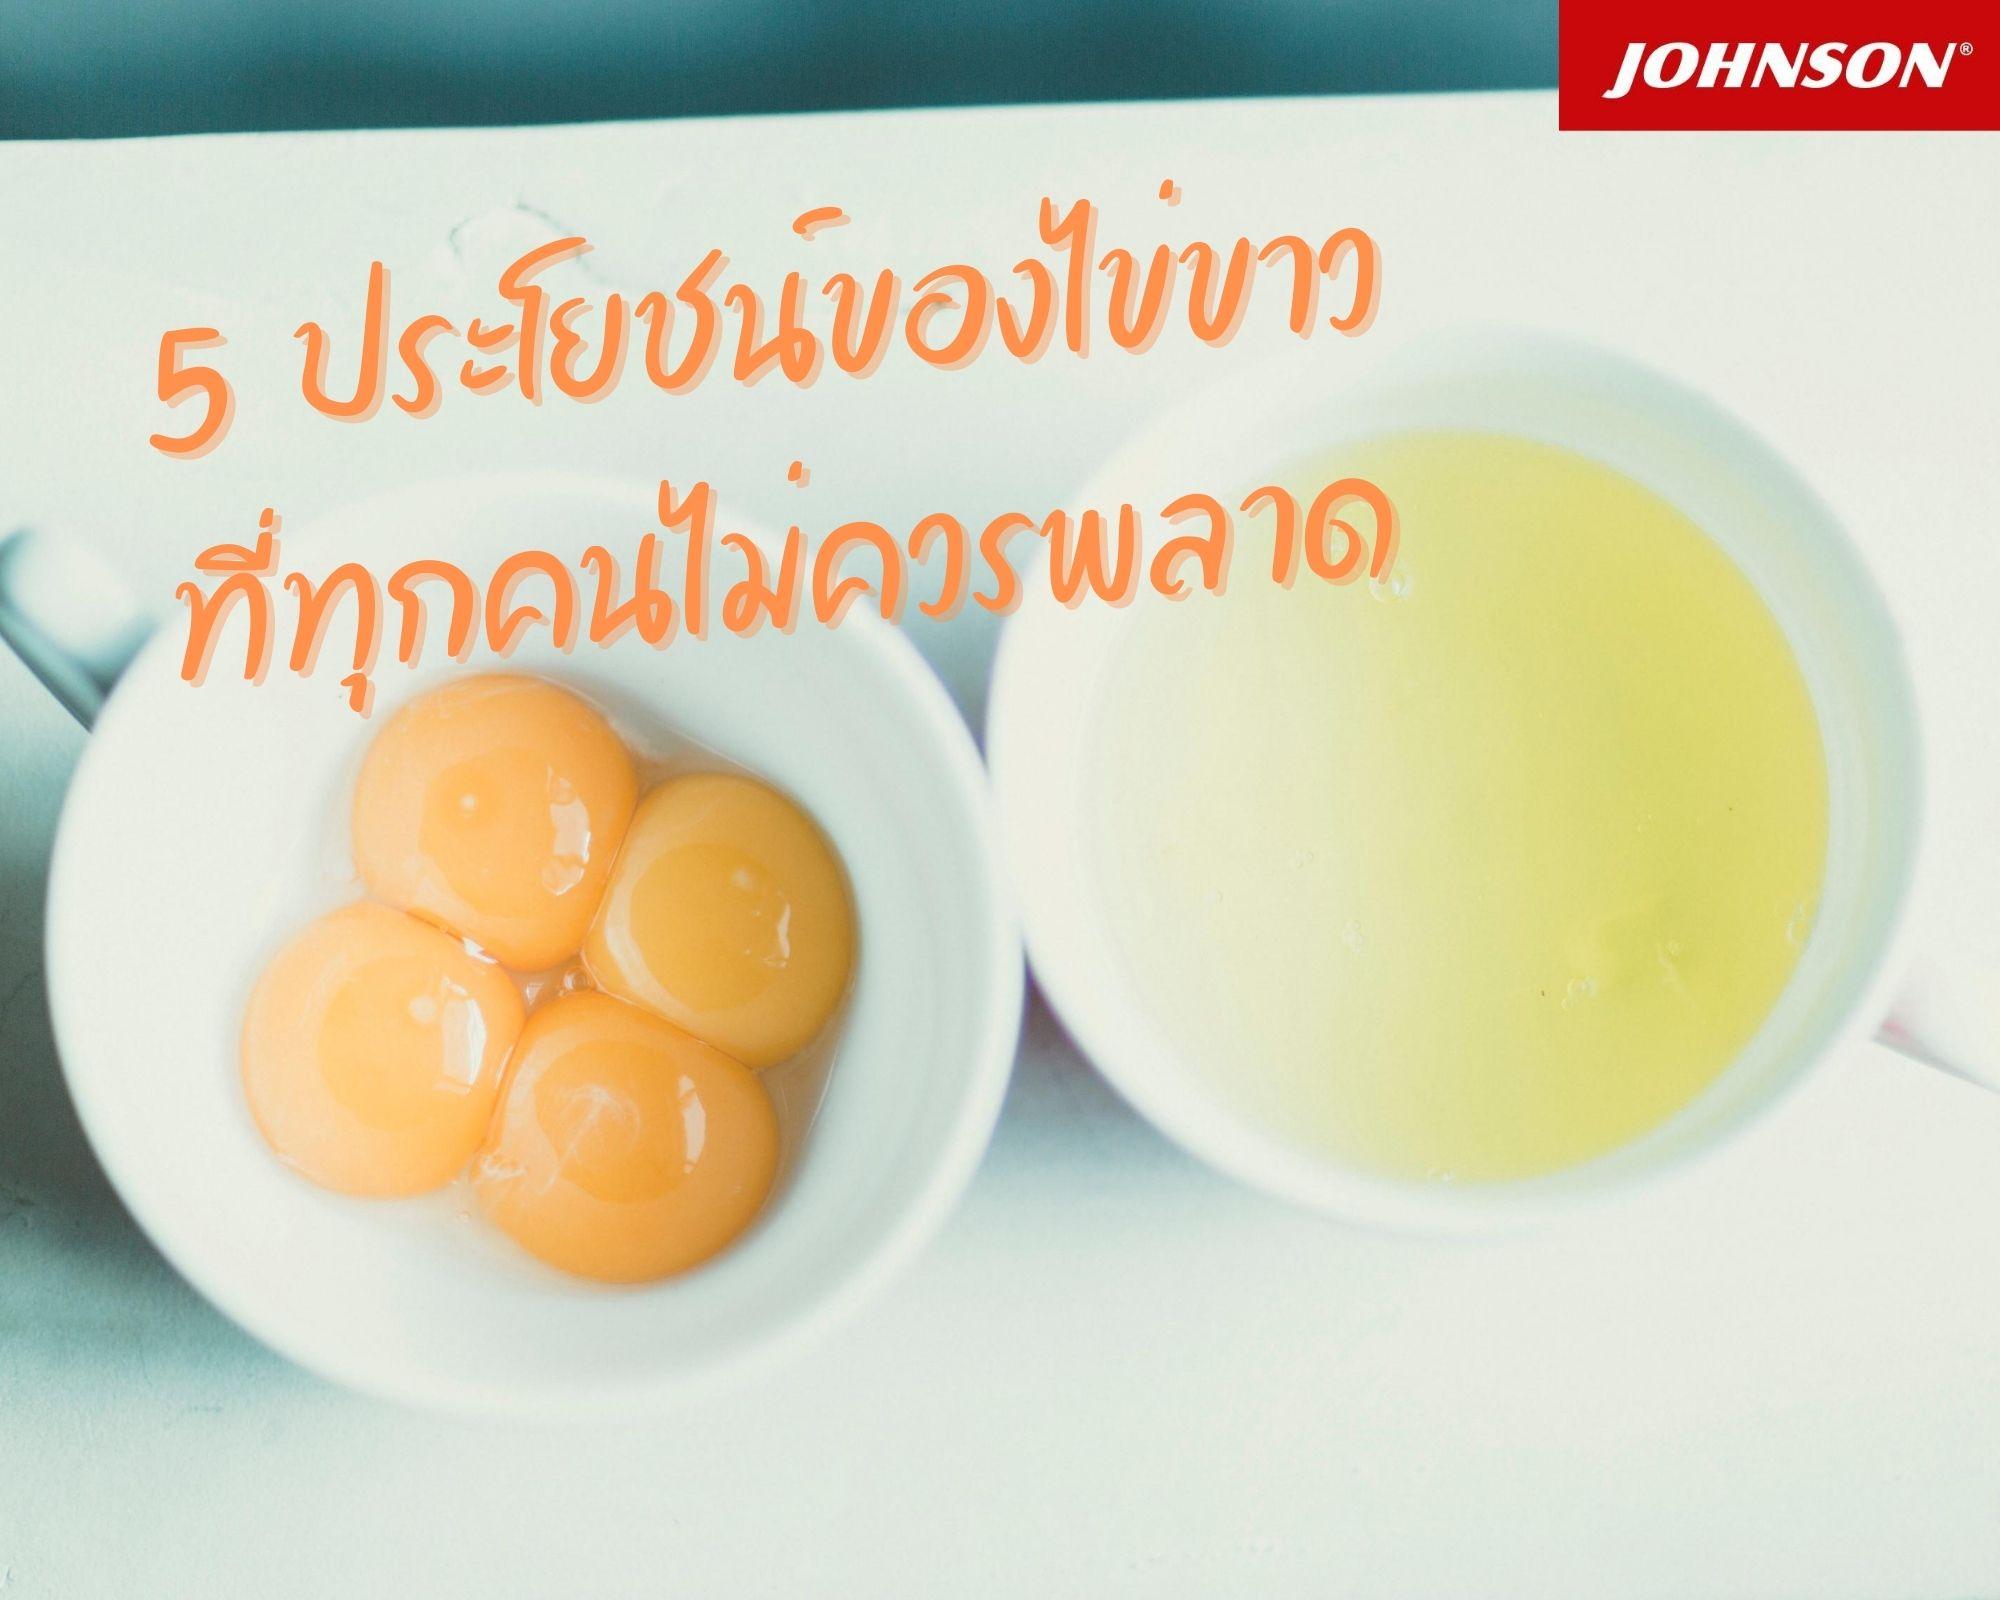 5 ประโยชน์ของไข่ขาวที่ทุกคนไม่ควรพลาด